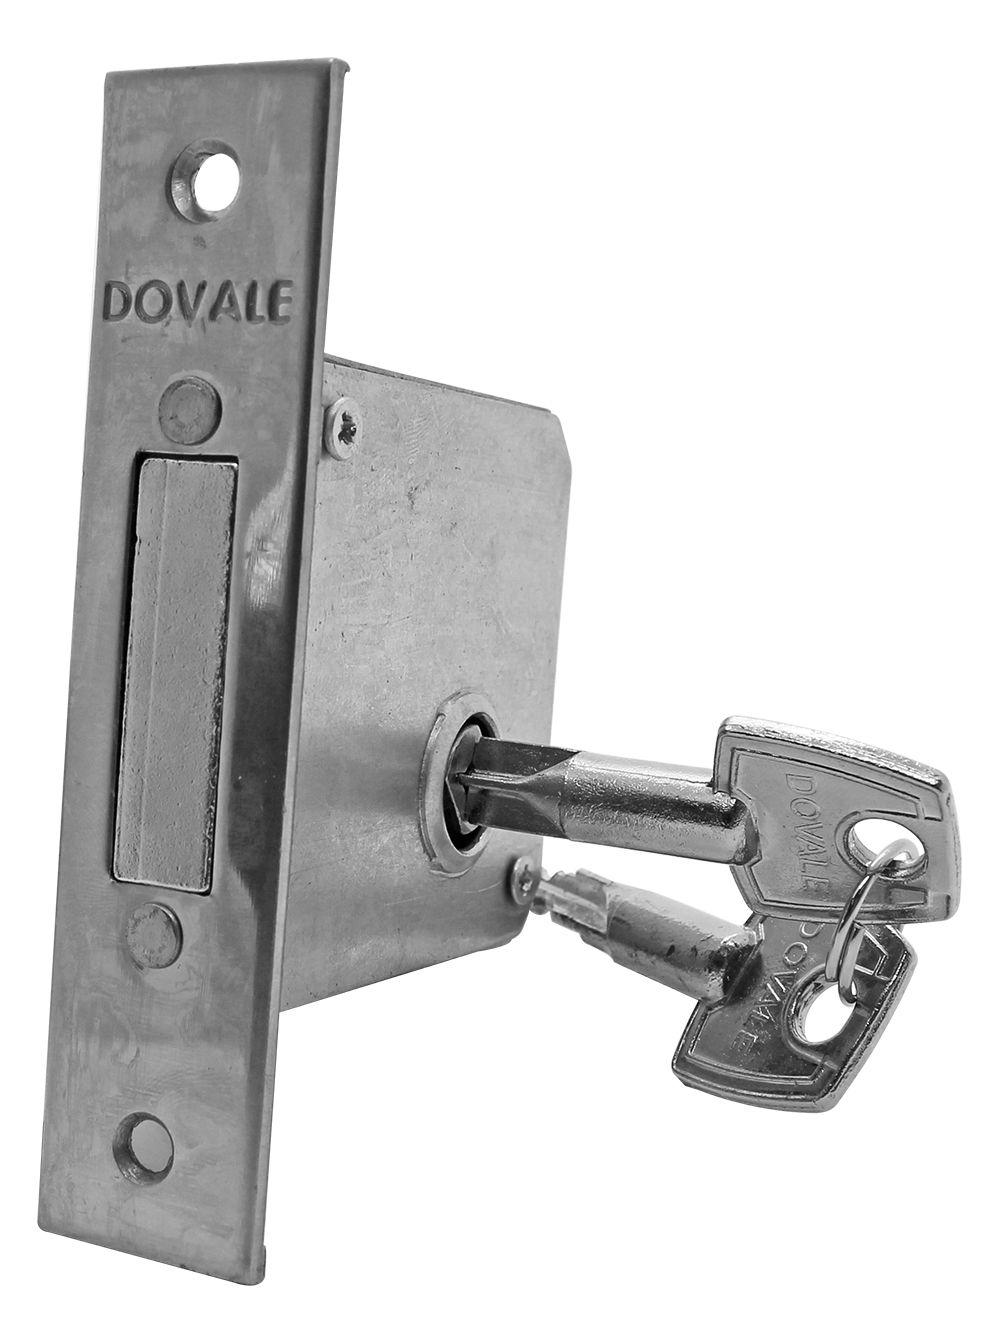 Trava de Segurança Tetra Dovale CR Cil. Zamac e chave latão - 78406